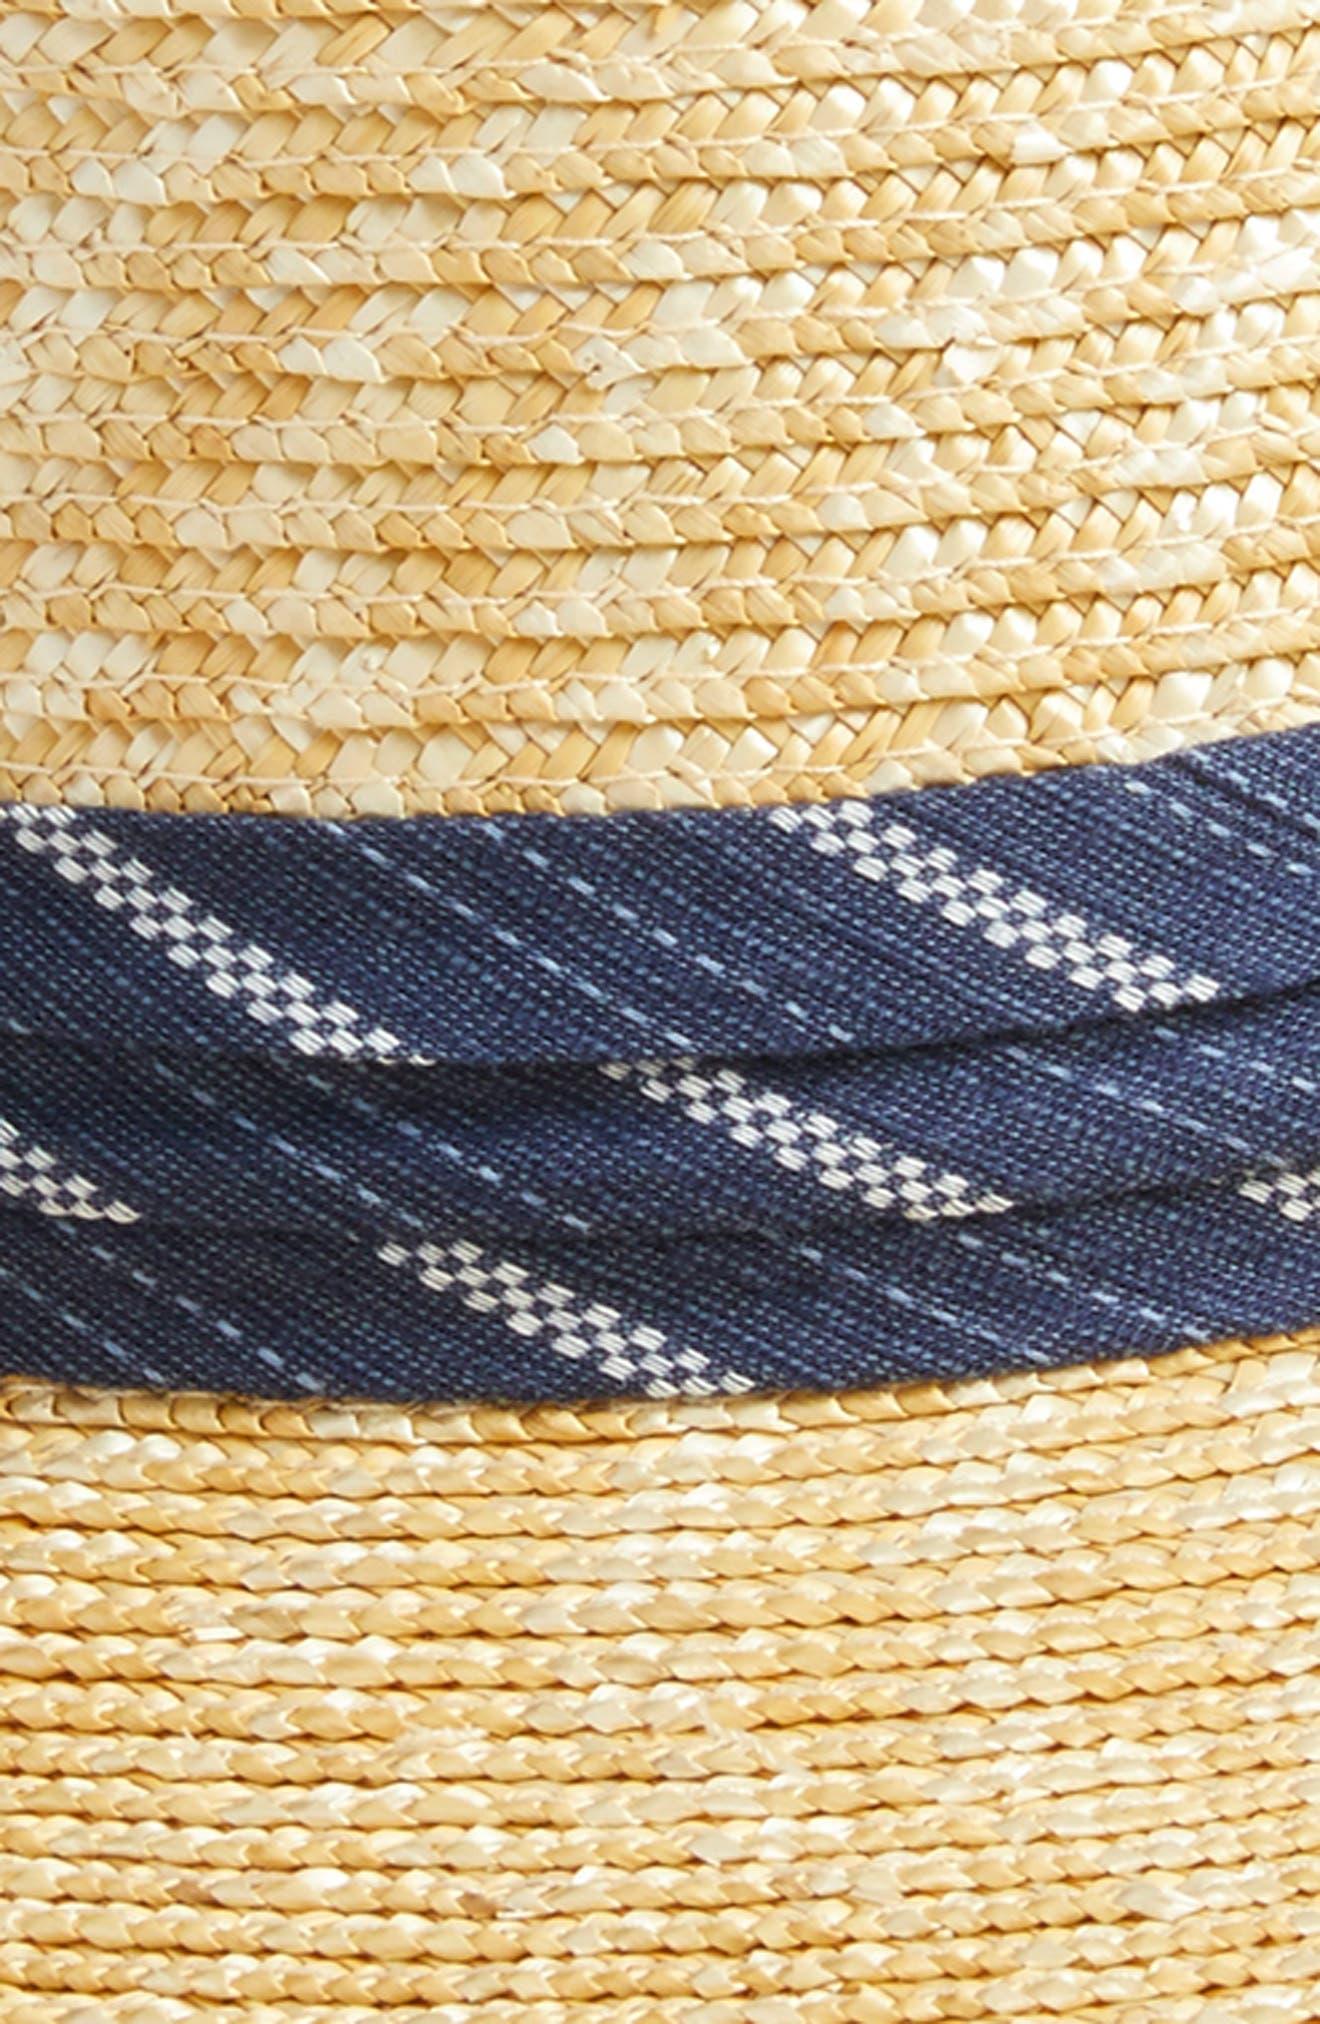 Denim Banded Straw Boater Hat,                             Alternate thumbnail 2, color,                             264